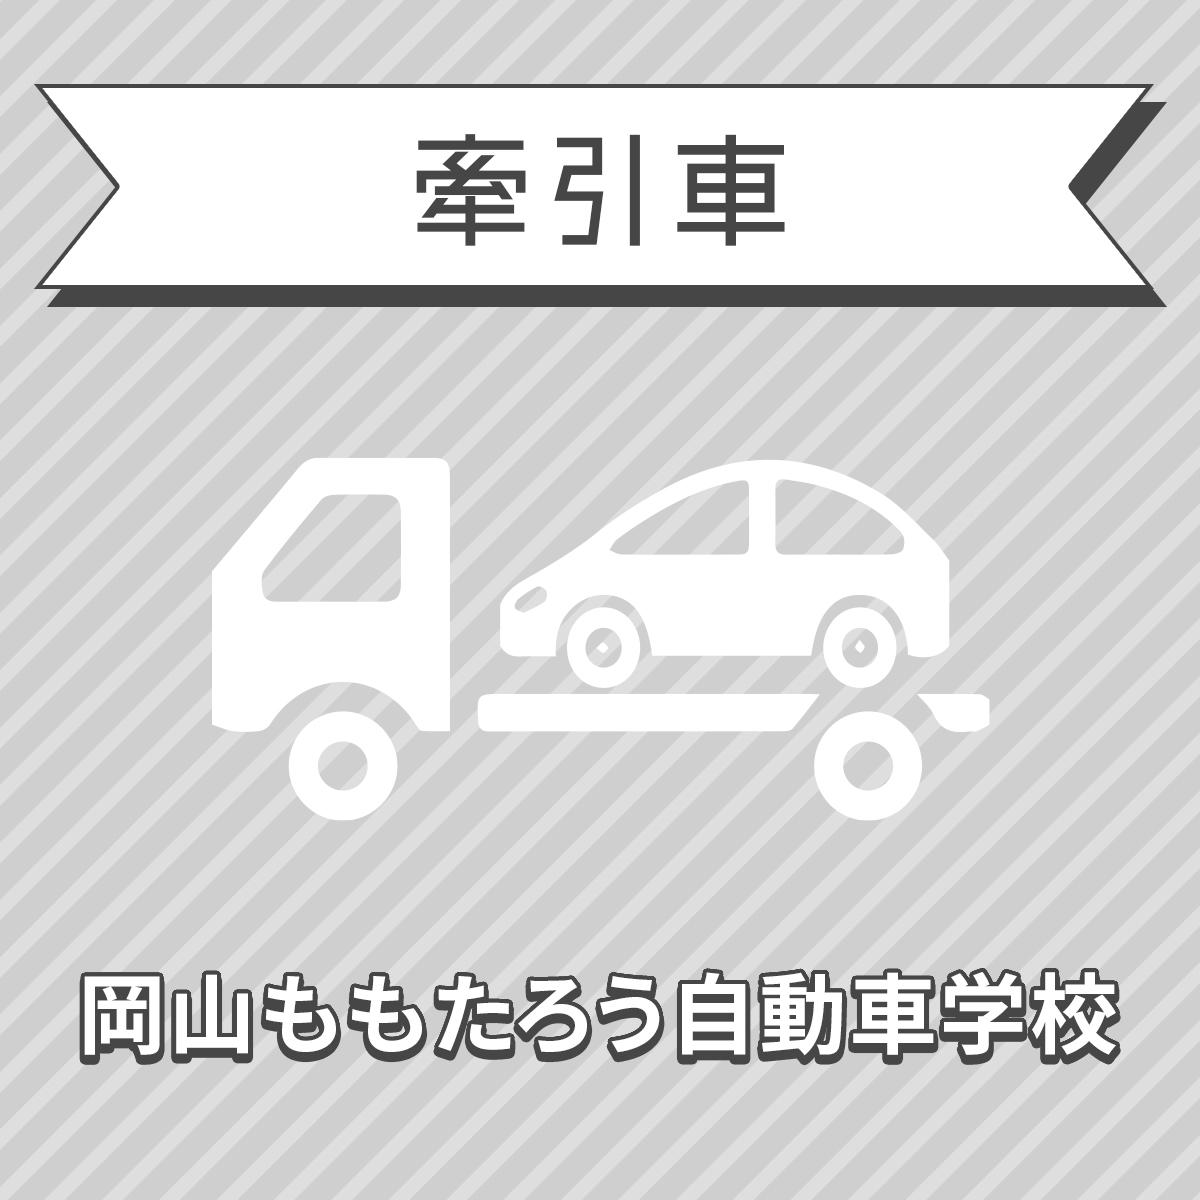 【岡山県岡山市】けん引教習<普通/中型/準中型/大型免許所持対象>